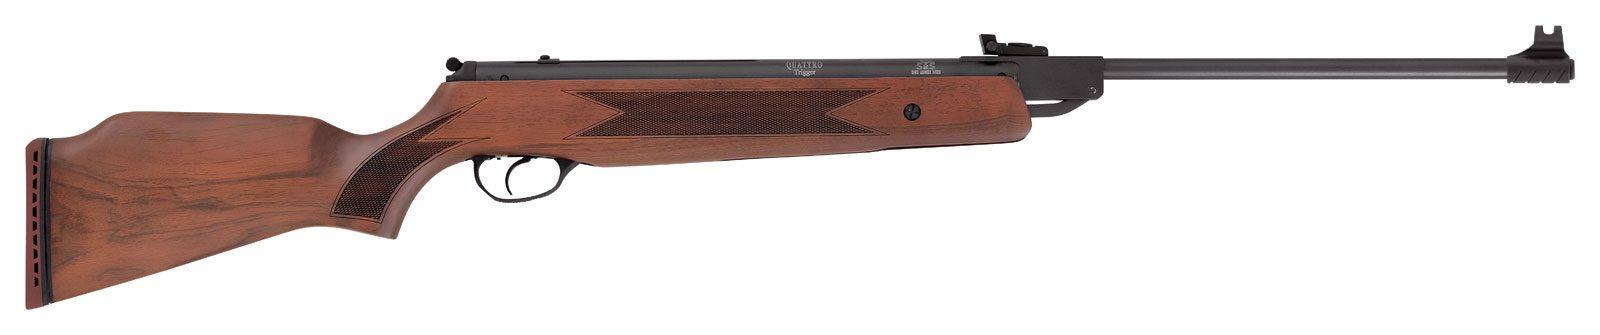 MOD 55S